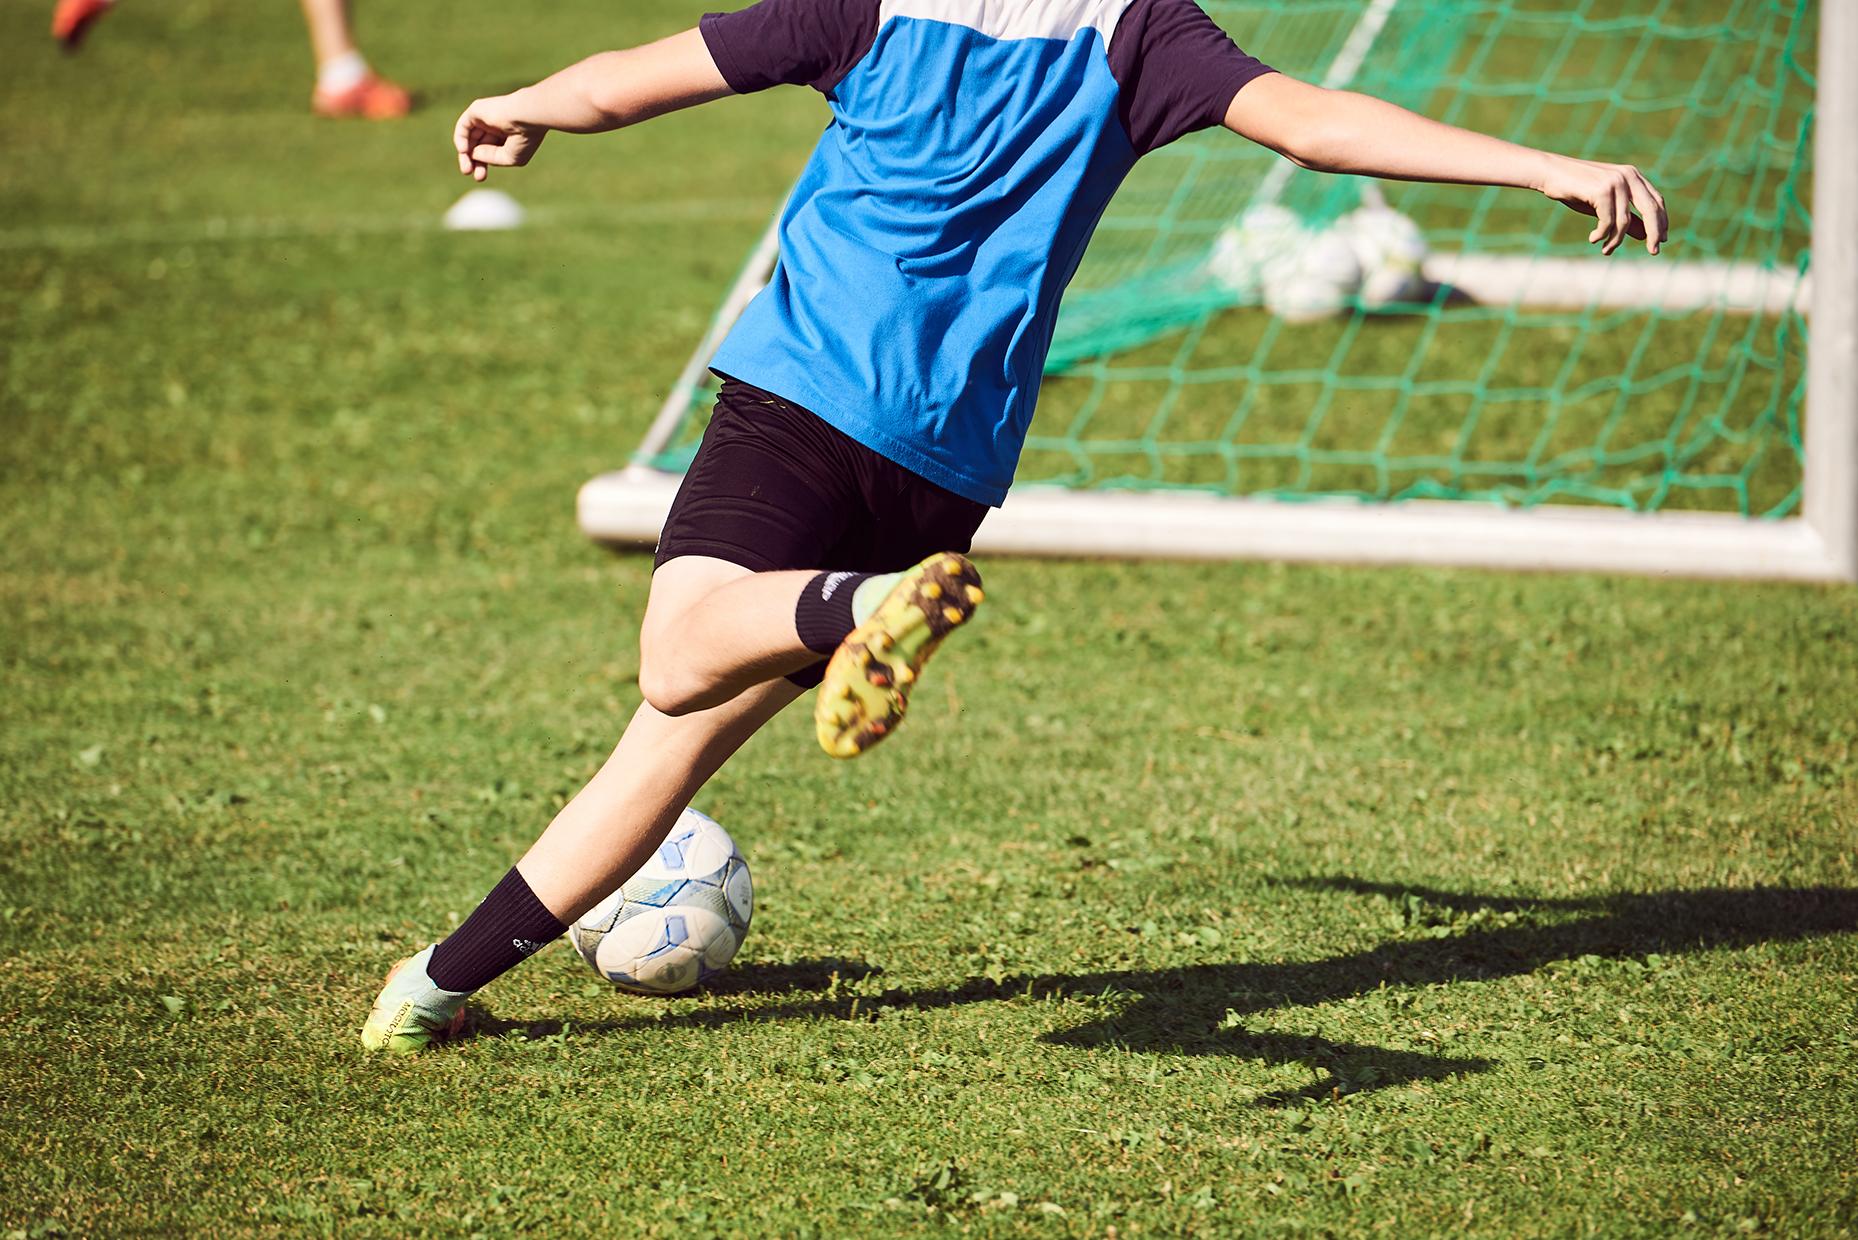 Fussballer mit blauem Dress